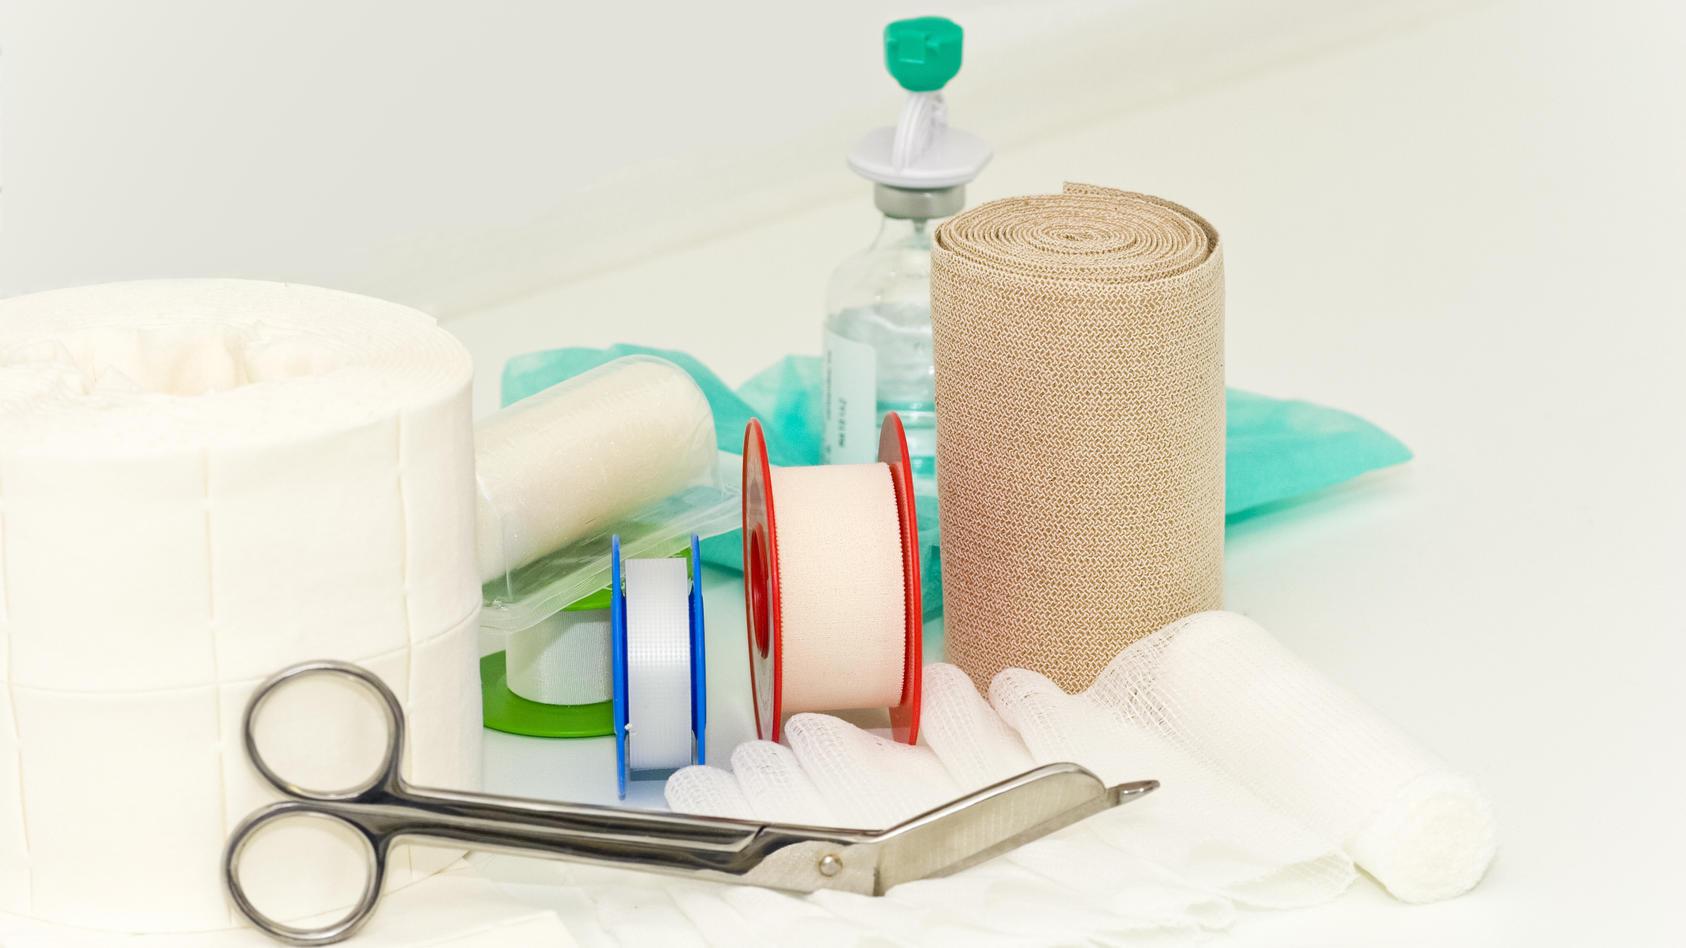 Gaze oder Mull ist ein dünnes und leichtes, halbtransparentes Gewebe, das in der Lage ist, große Mengen an Flüssigkeit aufzunehmen